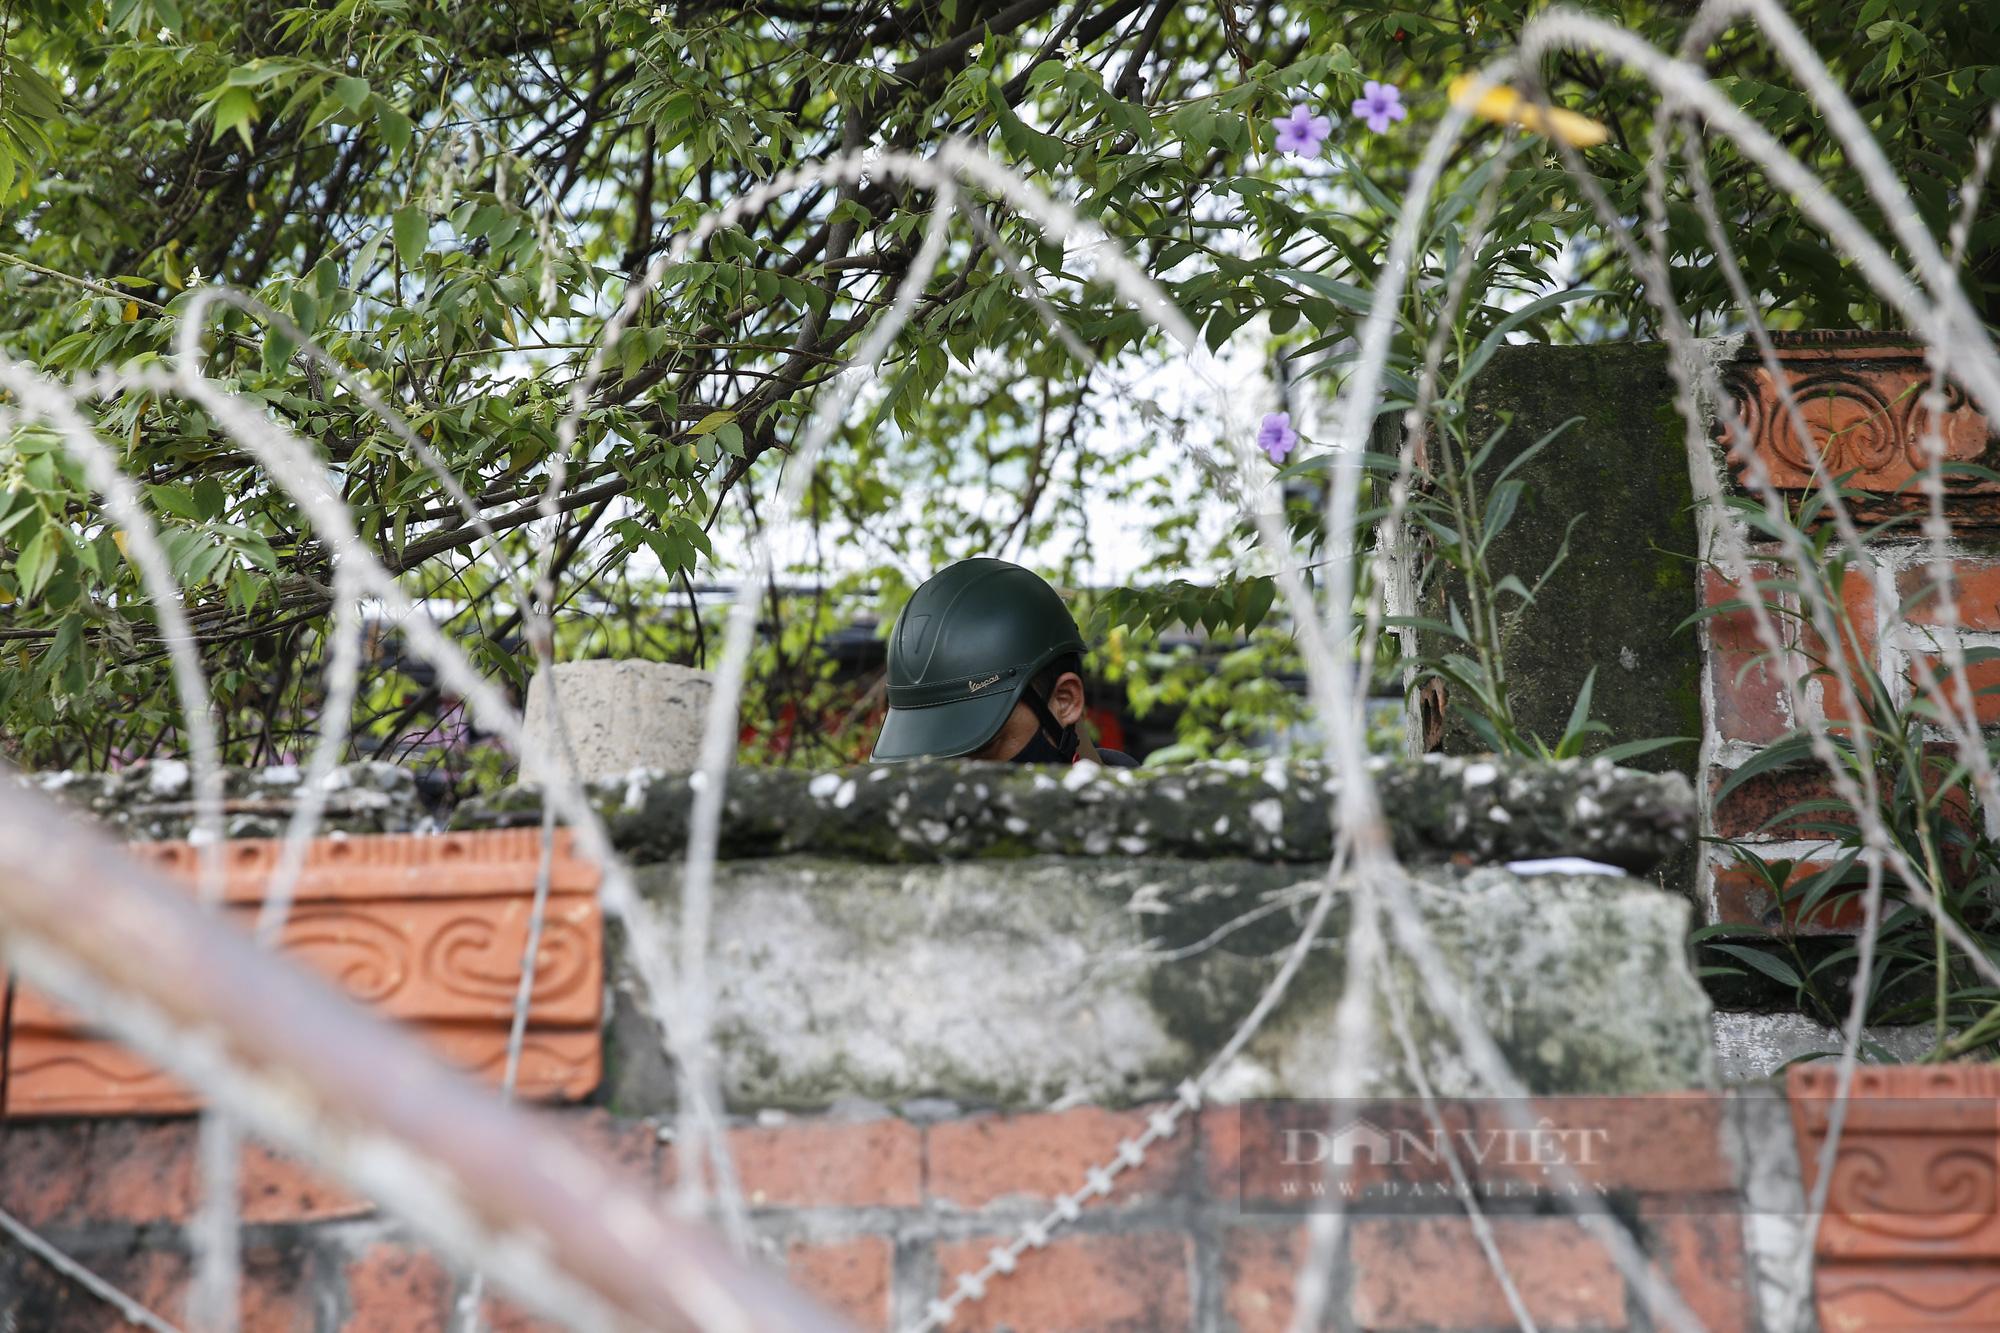 Hà Nội: Lập hàng rào dây thép gai tại khu vực phong tỏa để ngăn người vi phạm Chỉ thị cách ly - Ảnh 5.